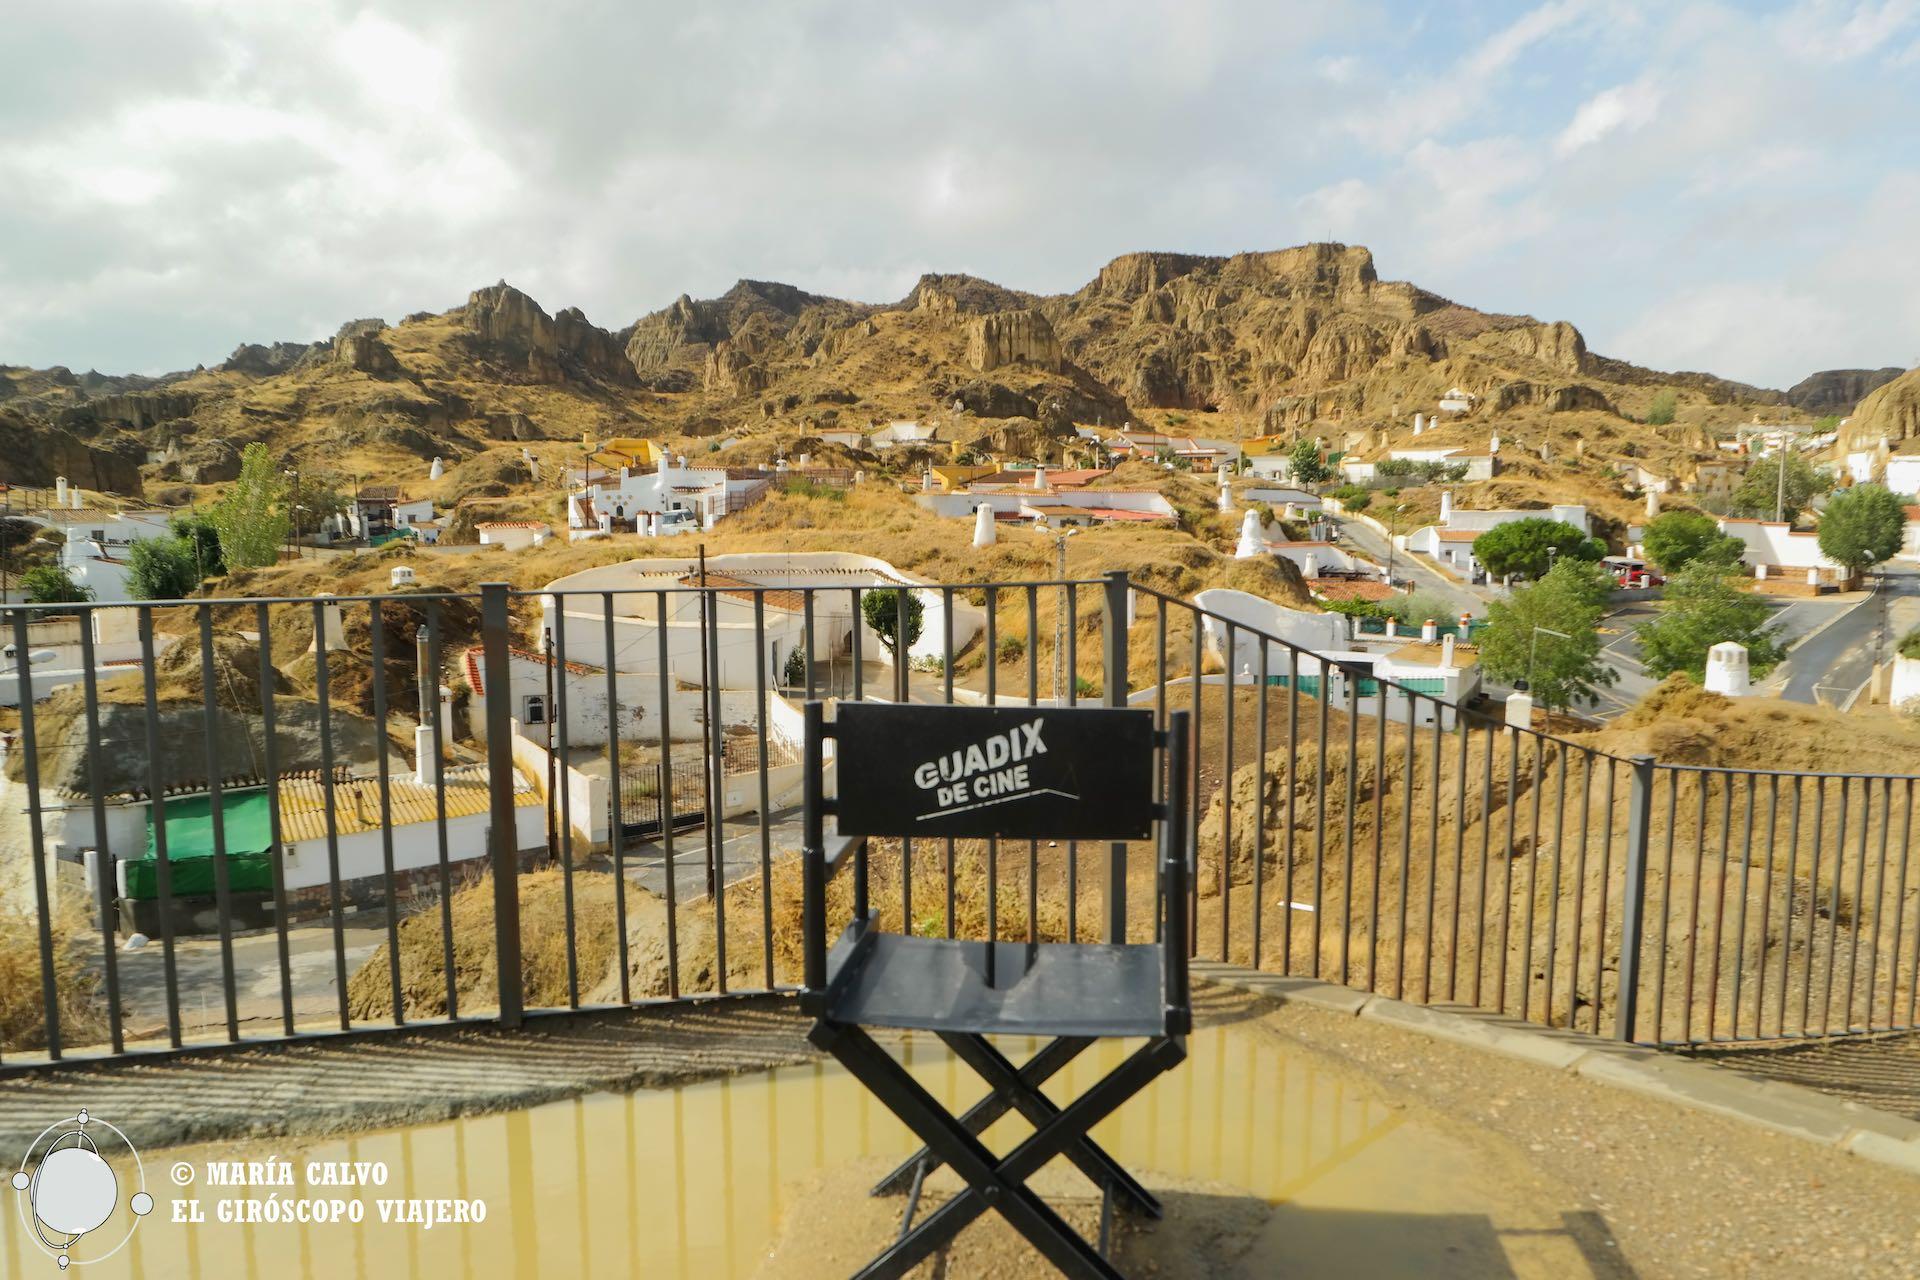 Guadix es una ciudad de cine. Estas sillas recuerdan planos rodados en cada una de las localizaciones de la ciudad. Aquí en El Barrio de las Cuevas.